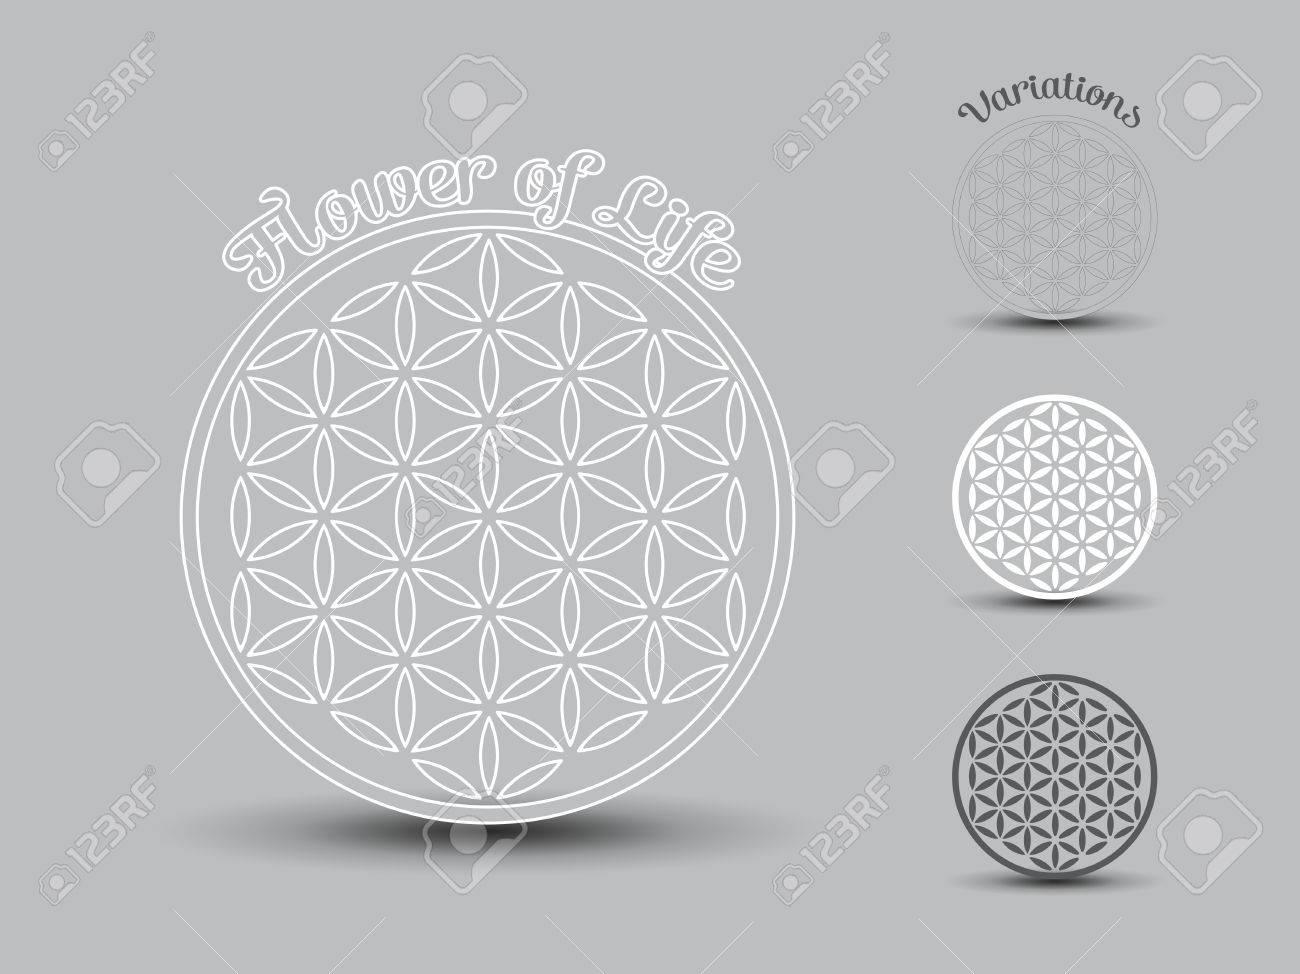 Flower of Life symbol, set of Banque d'images - 44028426